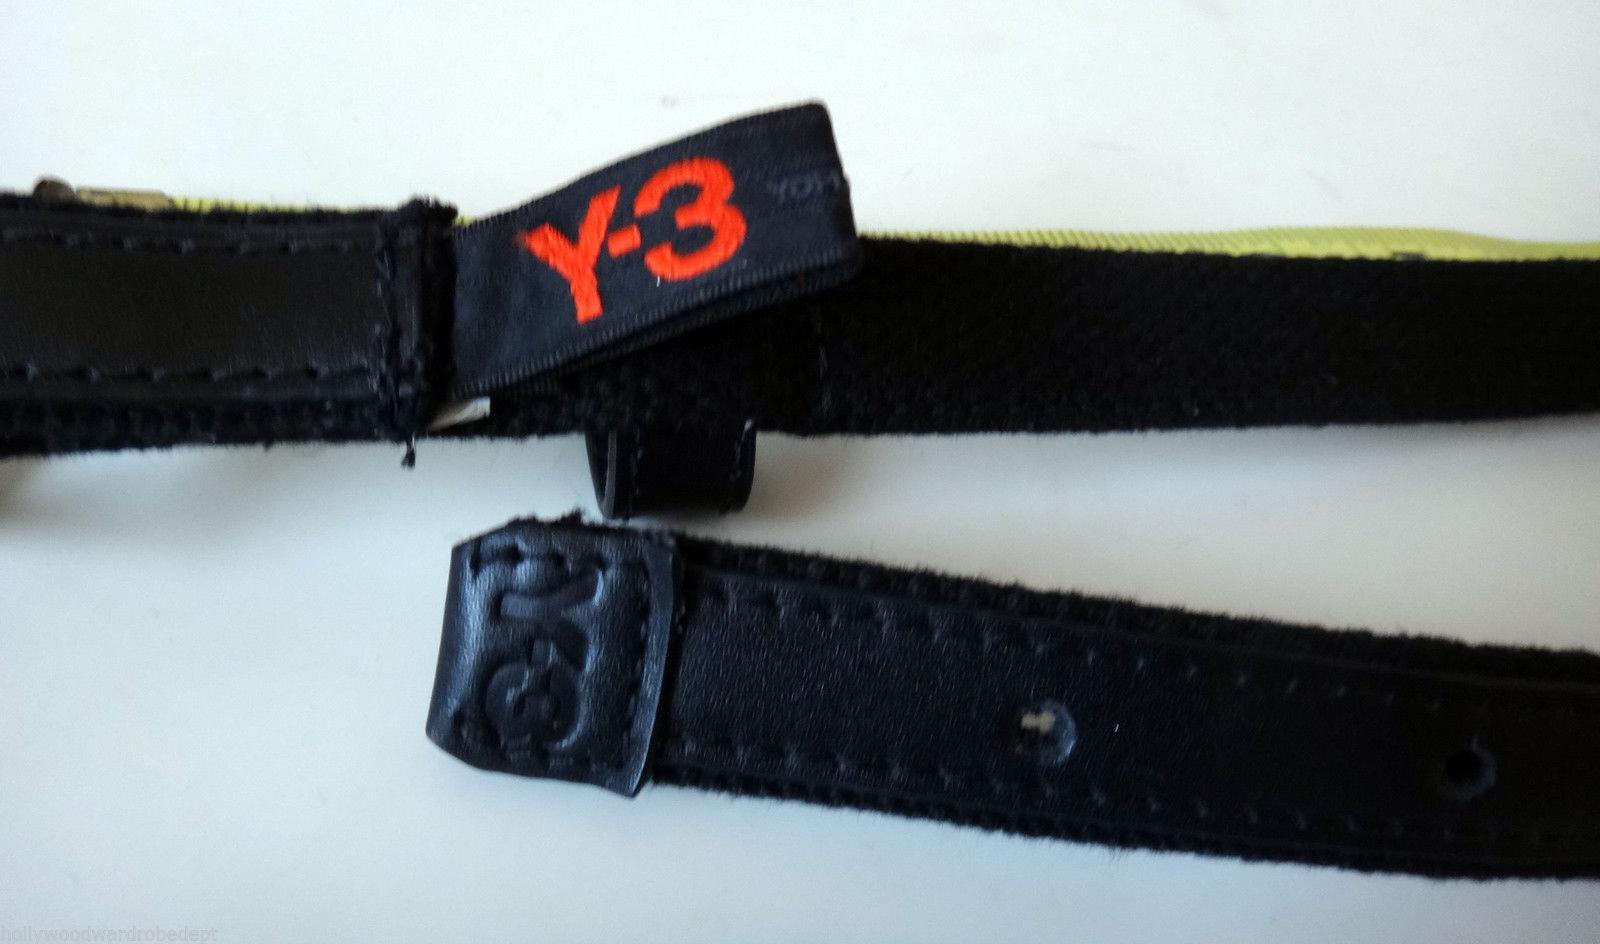 Y-3 Yohji Yamamoto XL ADIDAS skinny belt buckle leather 36 38 40 y3 nero vtg